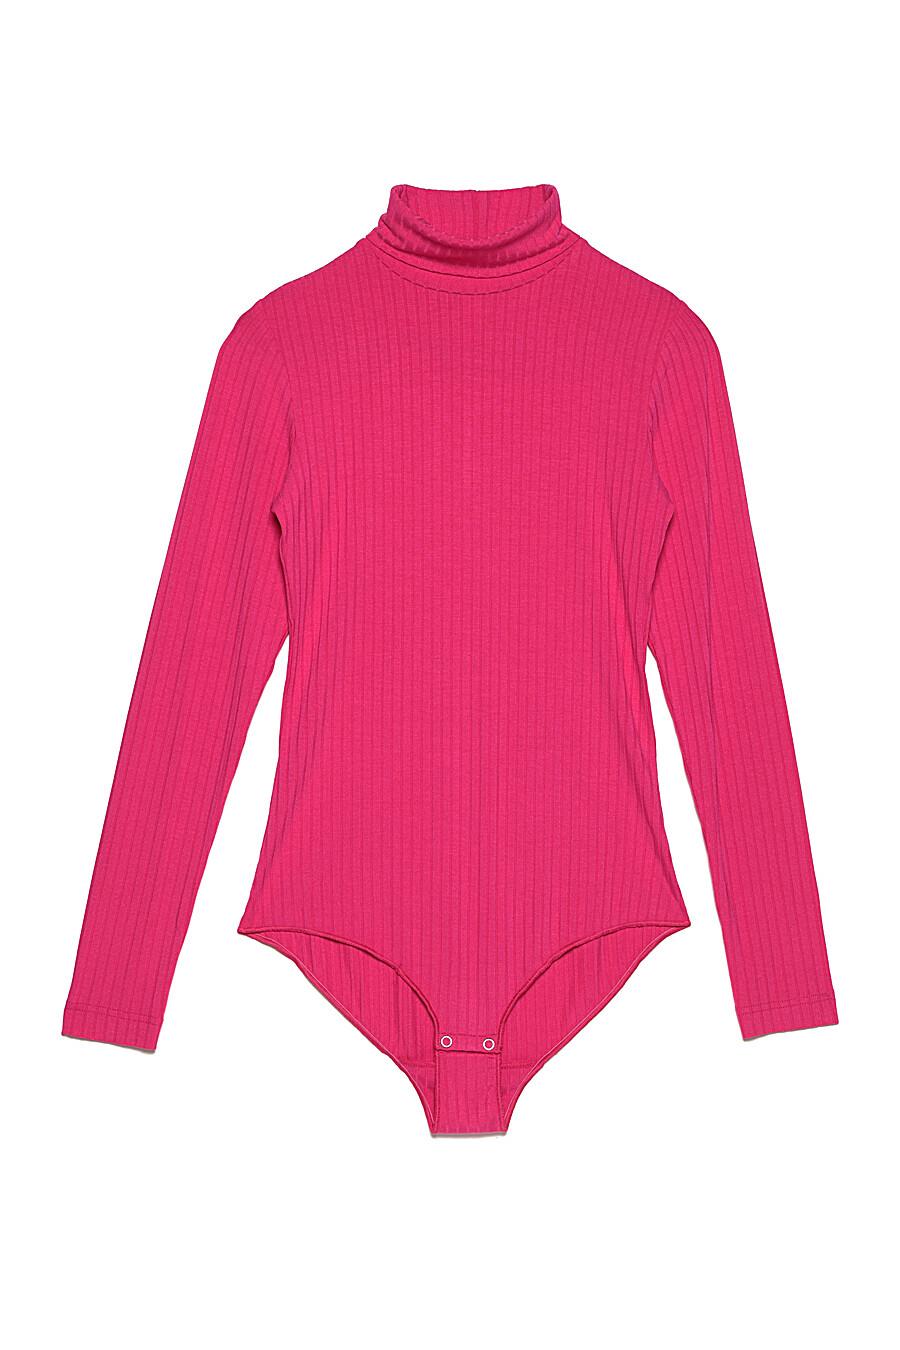 Боди для женщин CONTE ELEGANT 148345 купить оптом от производителя. Совместная покупка женской одежды в OptMoyo